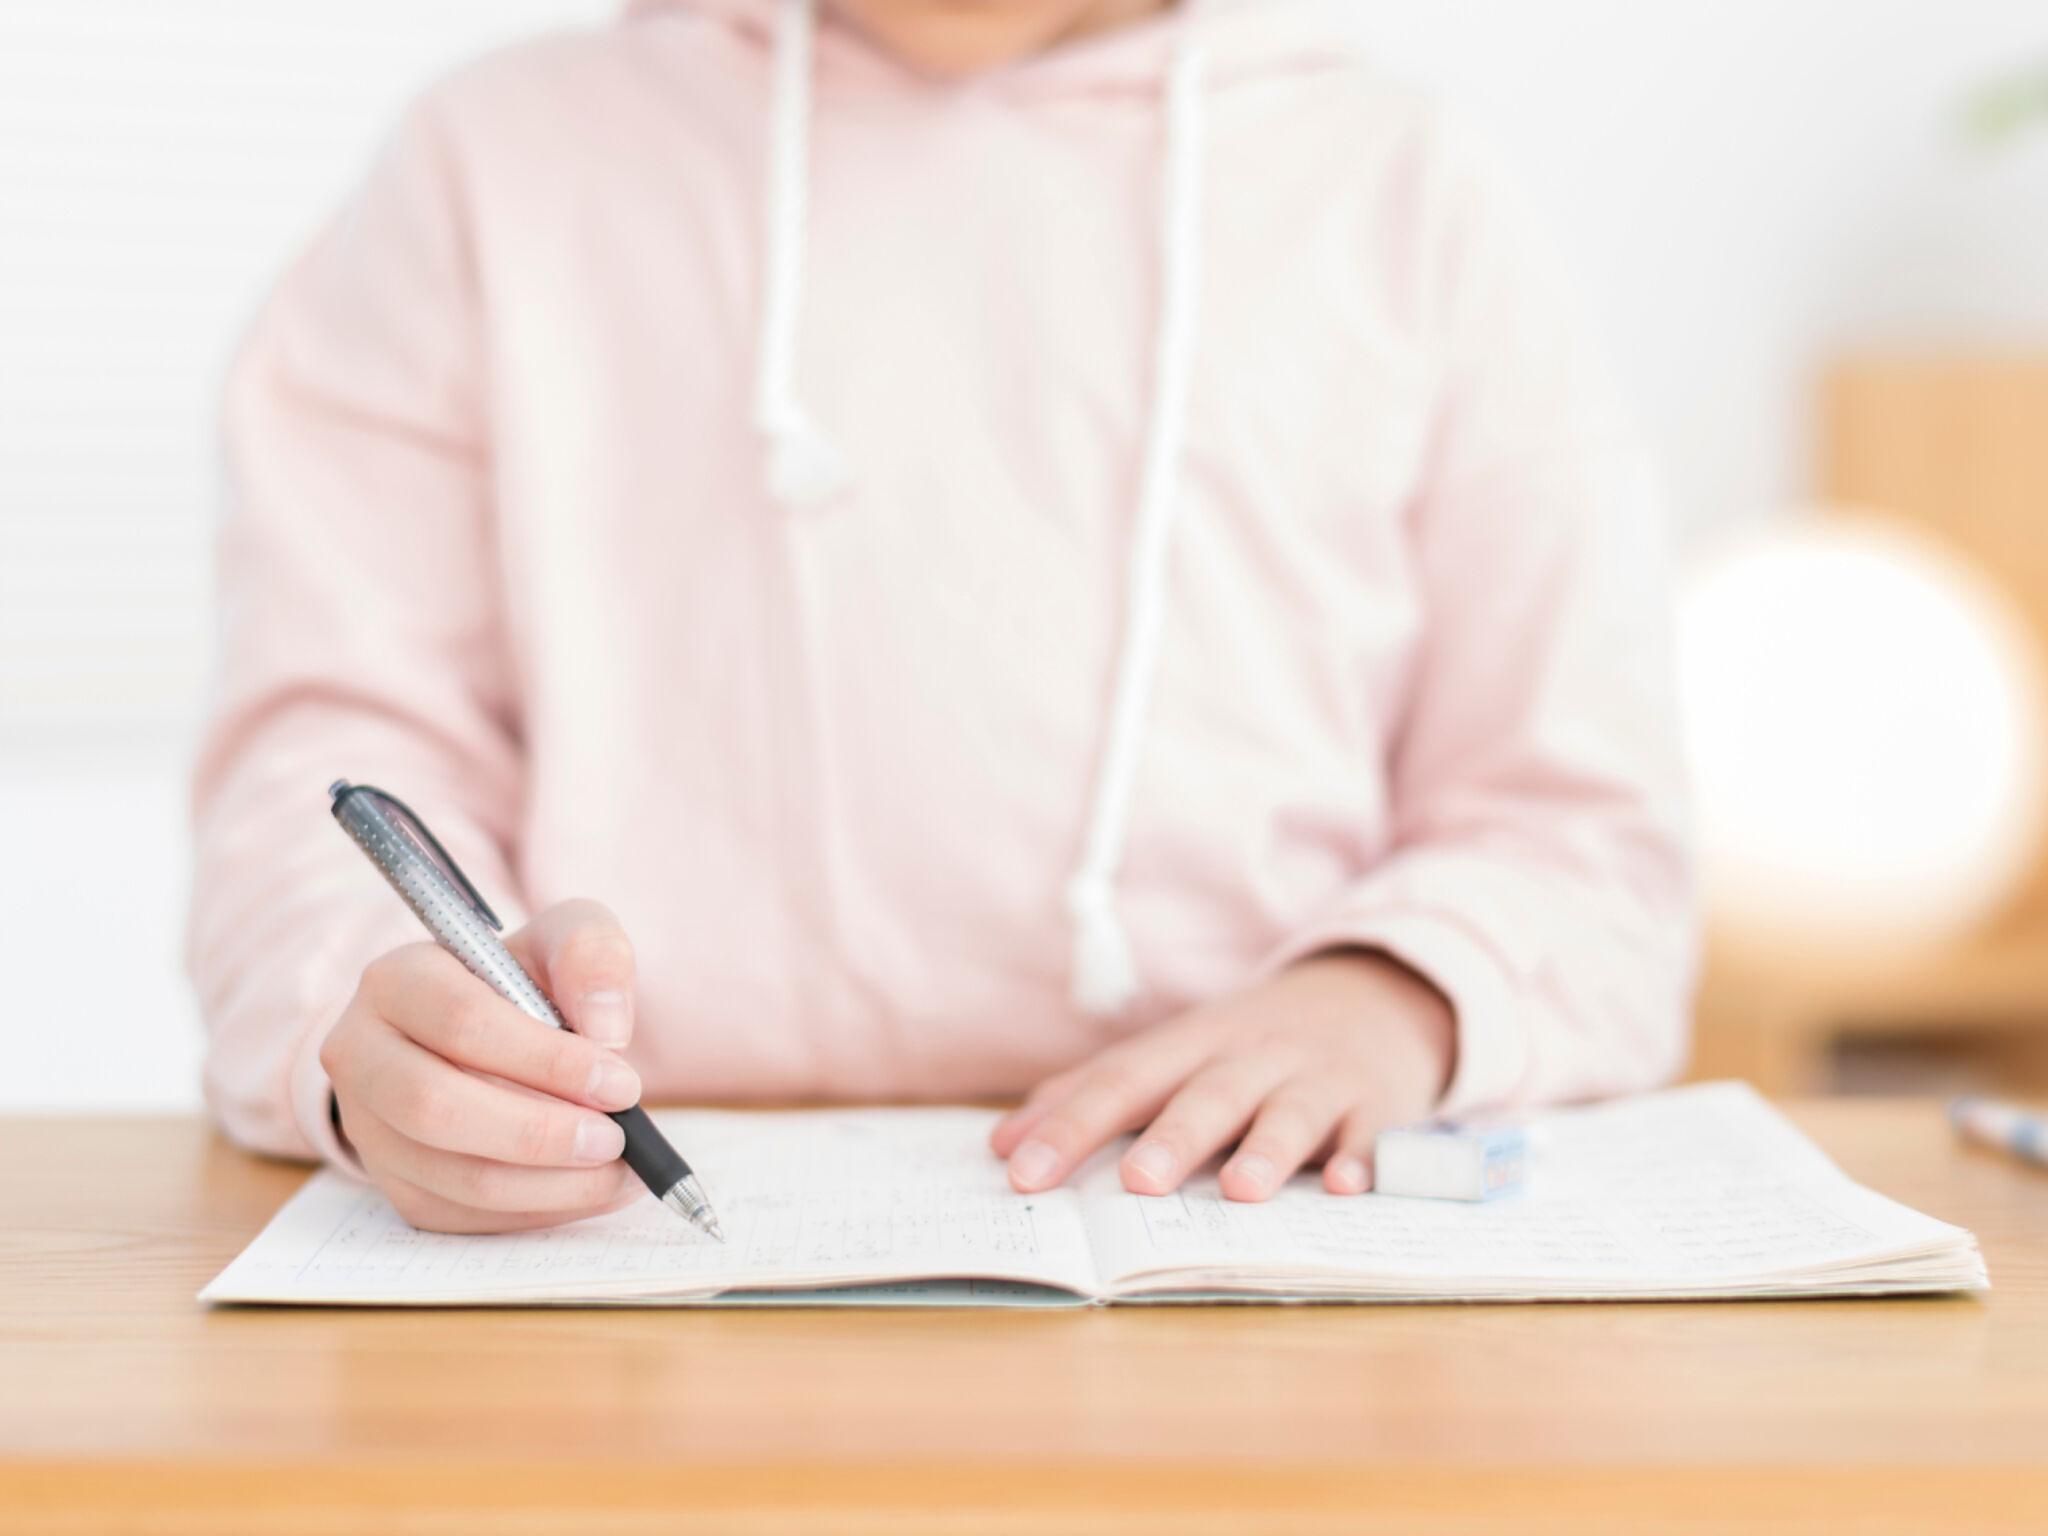 勉強をしている小学生の画像